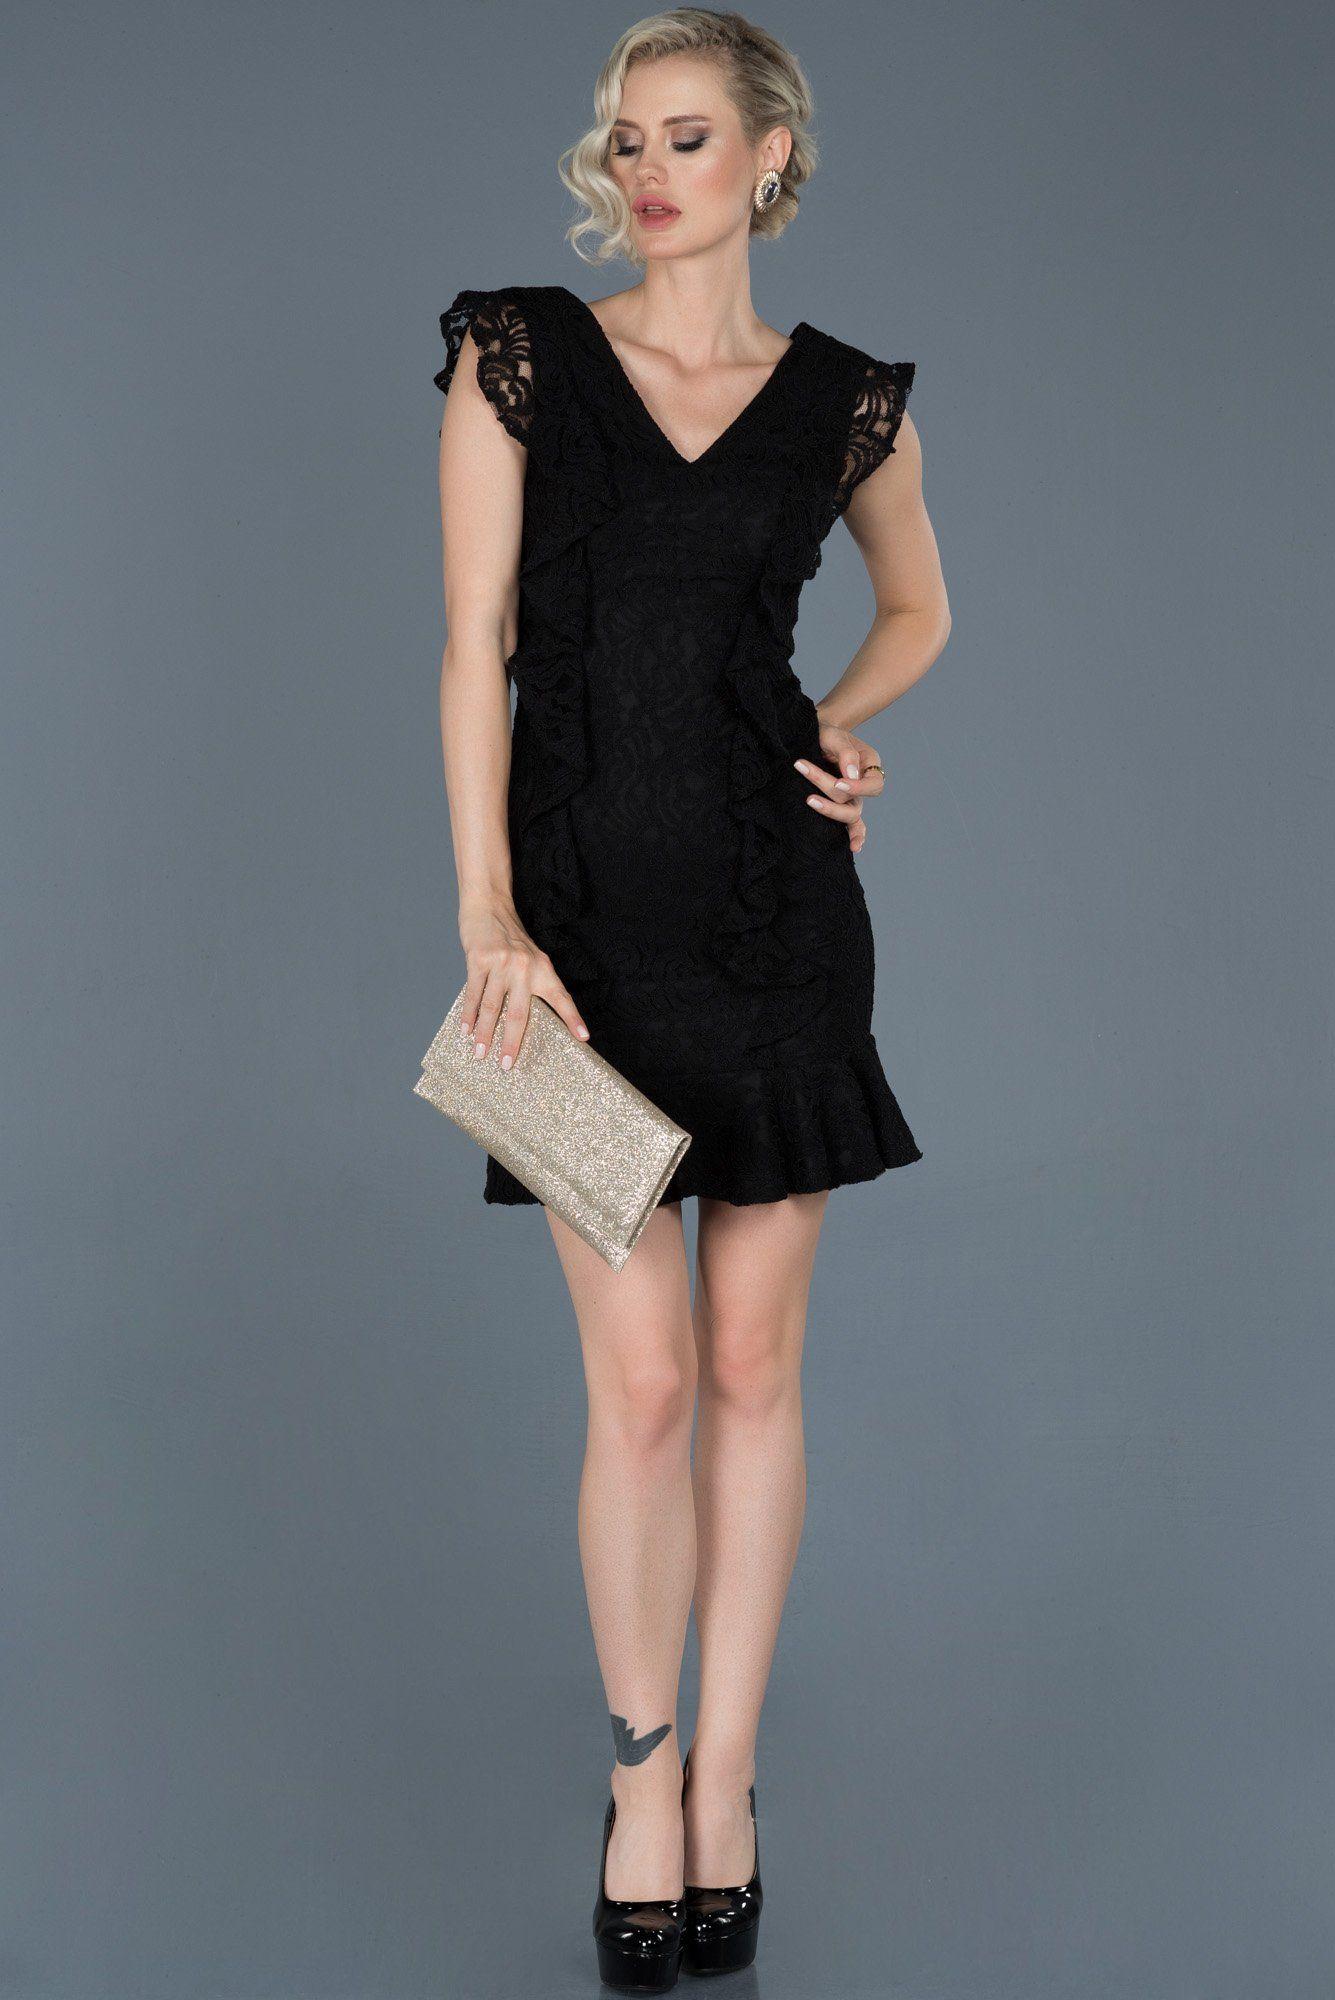 Siyah Kisa V Yaka Gupurlu Davet Elbisesi Abk603 Siyah Abiye Moda Stilleri Ve The Dress